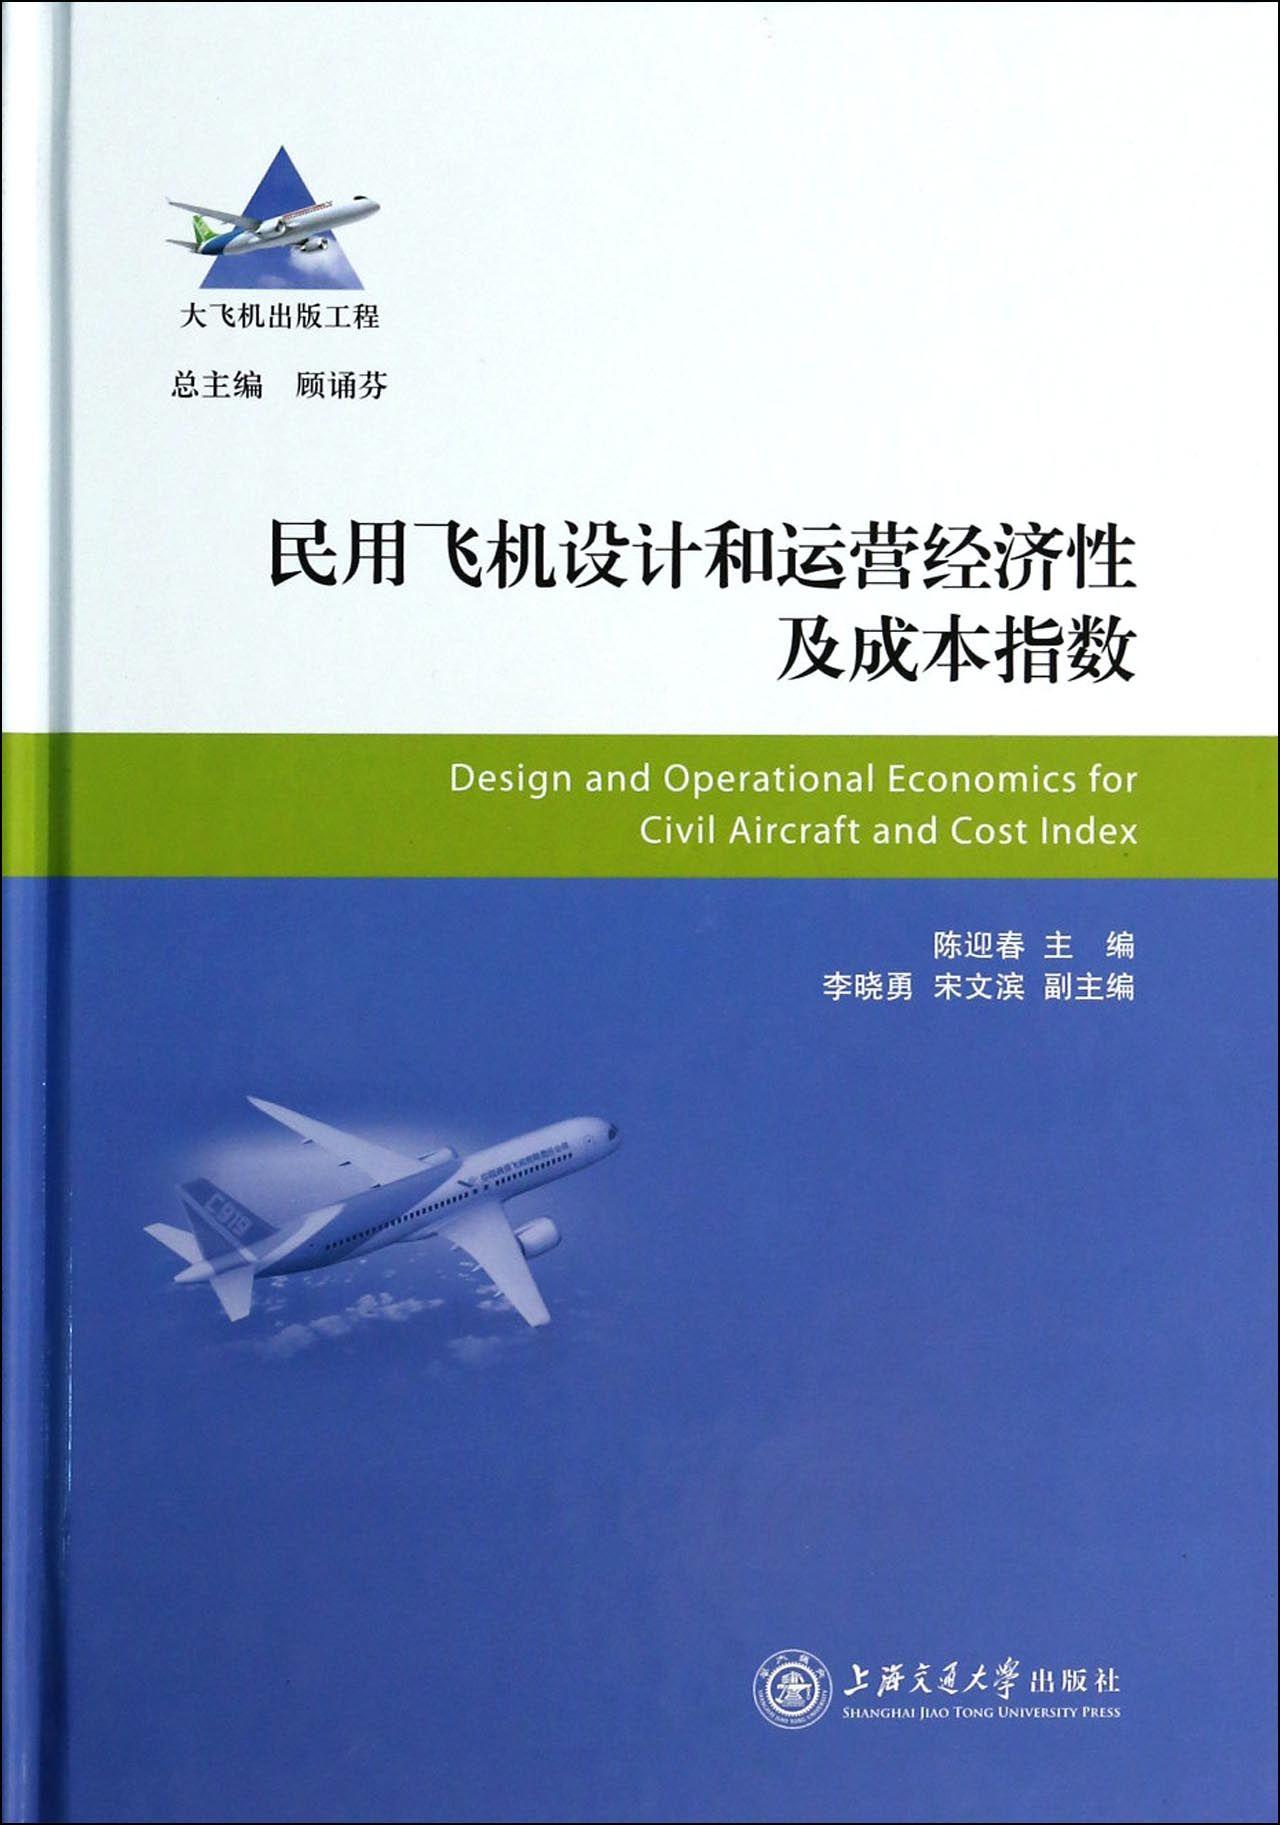 民用飞机设计和运营经济性及成本指数(精)